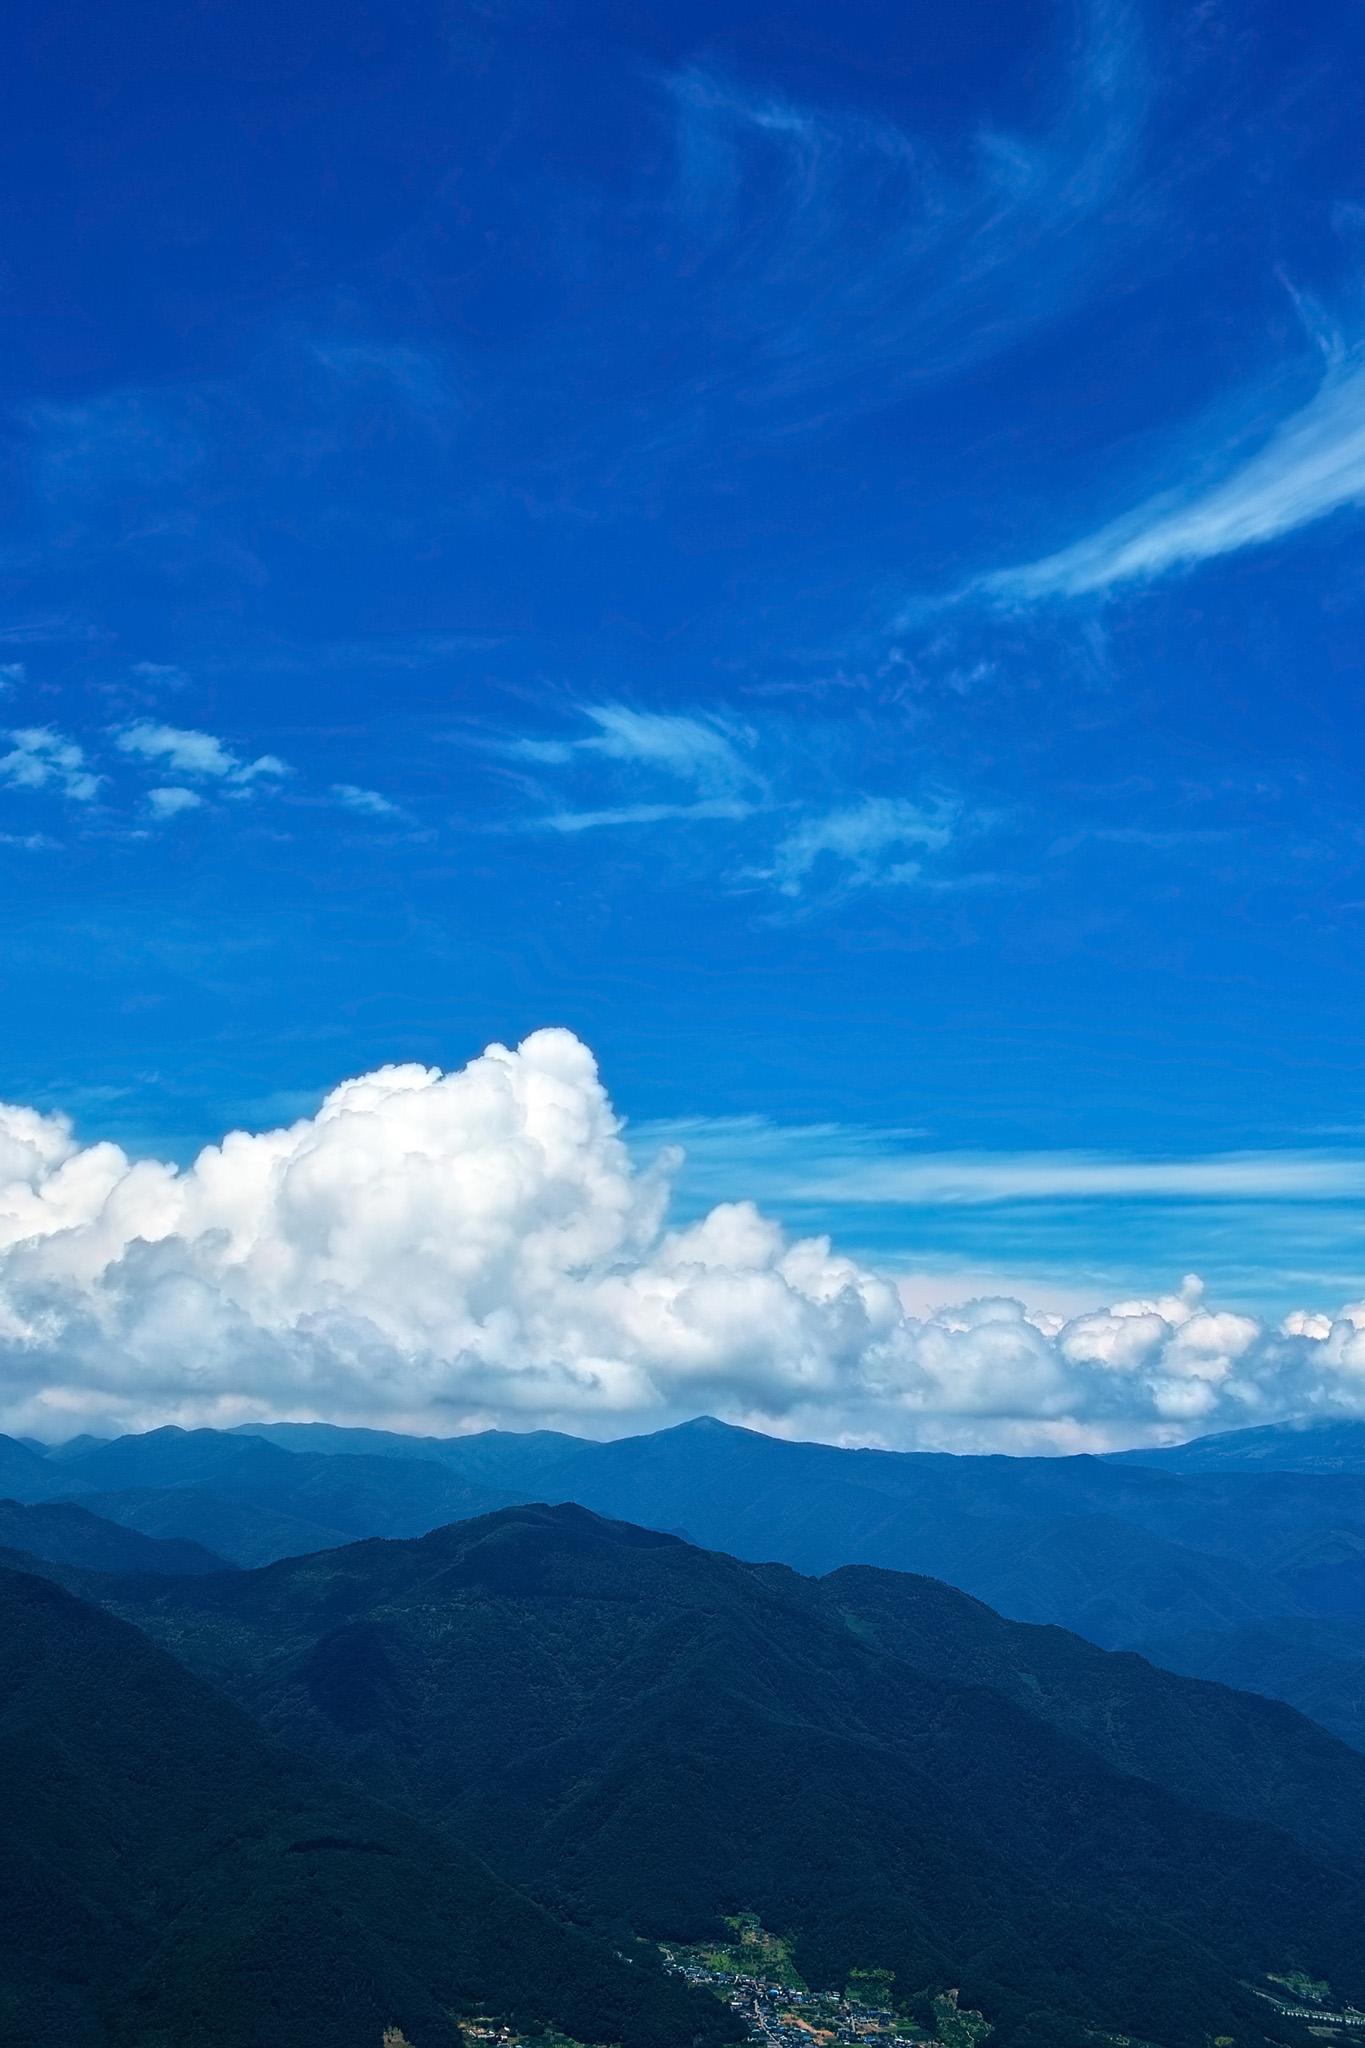 「青空広がる清々しい夏山」